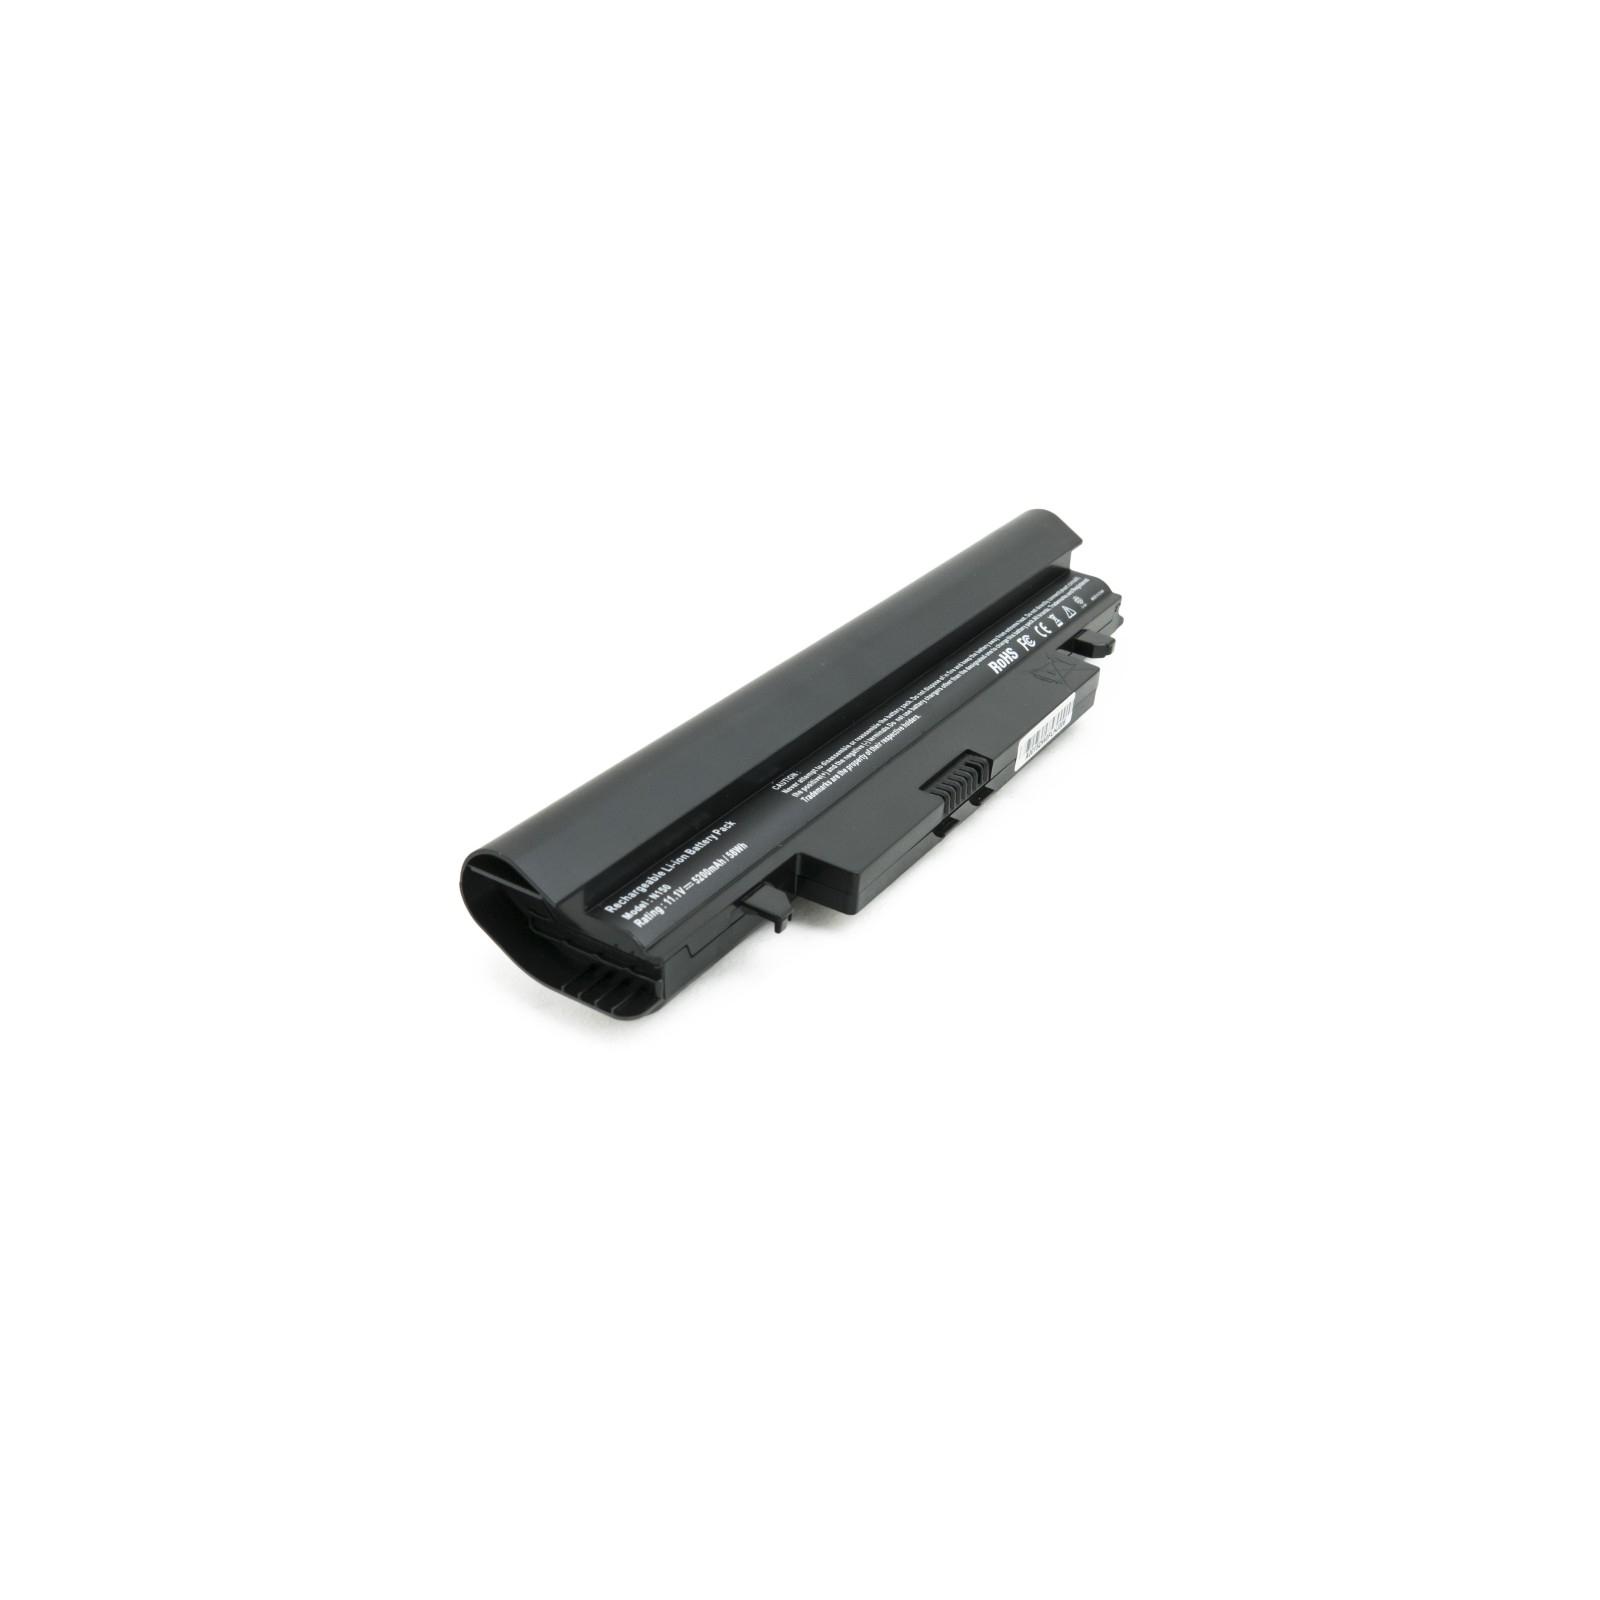 Аккумулятор для ноутбука Samsung NP-N150 (AA-PB2VC6B) 5200 mAh EXTRADIGITAL (BNS3957) изображение 2